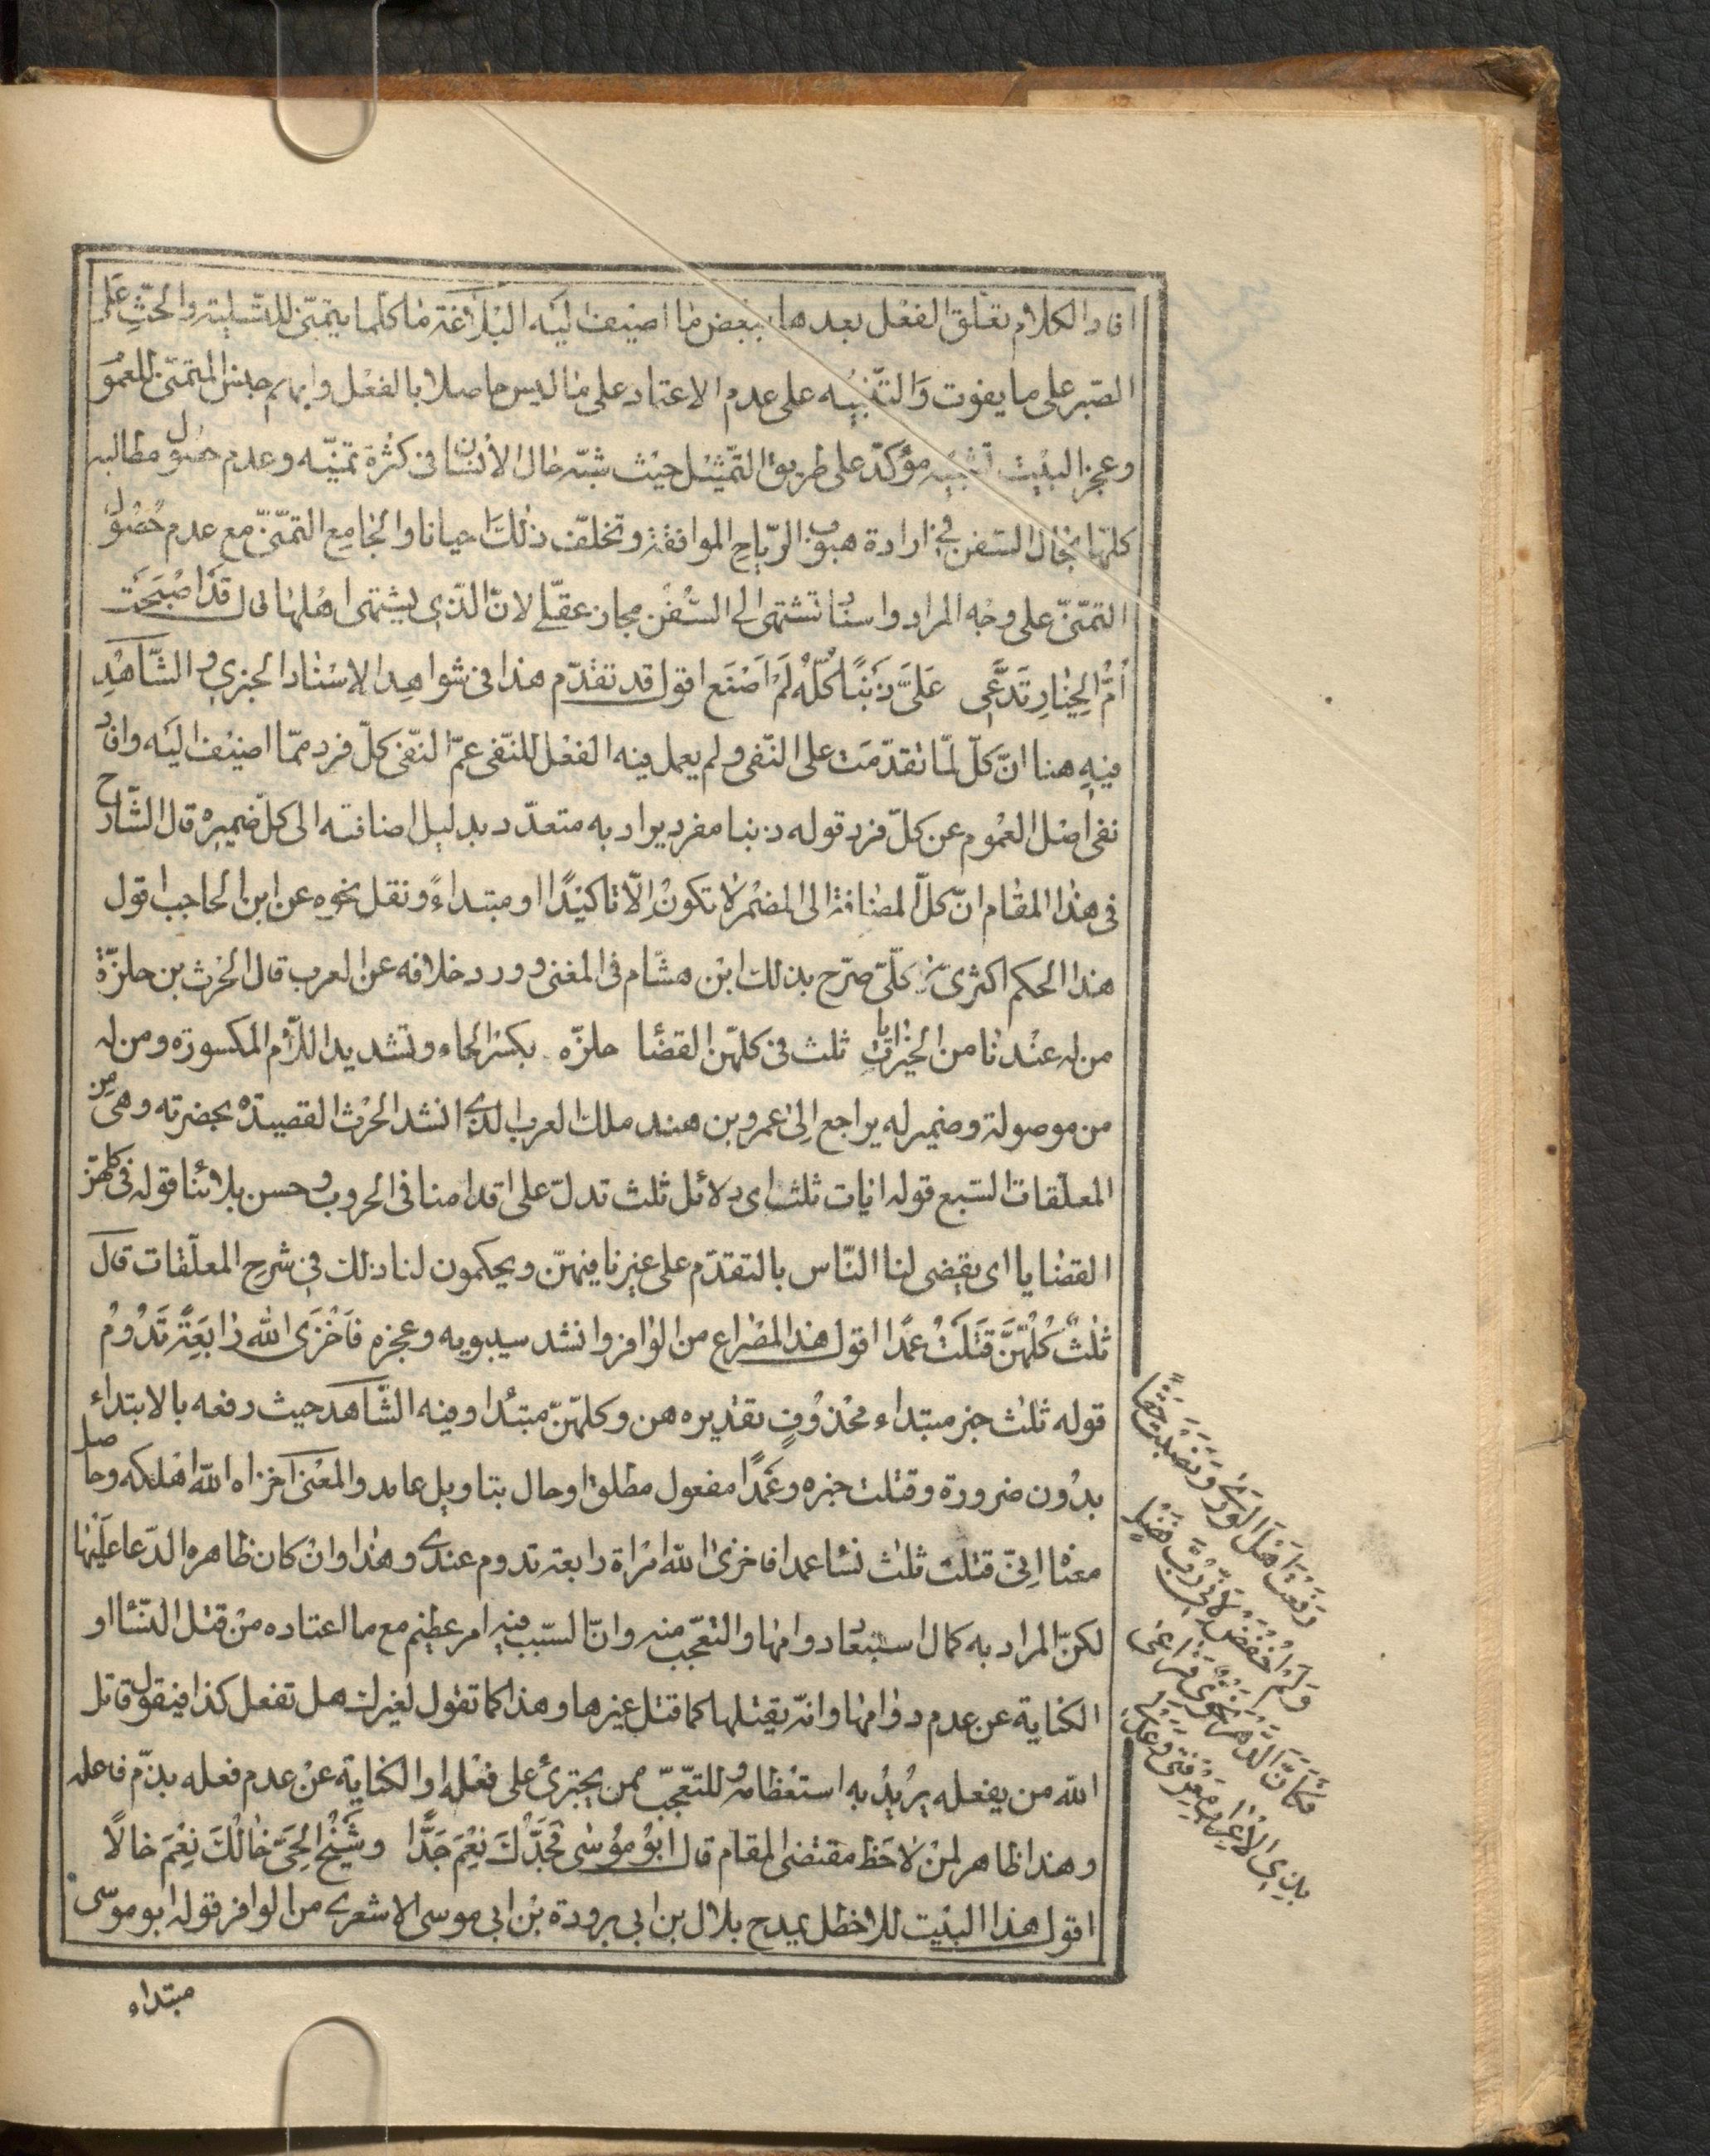 ʻĀmilī, Bahā' al-Dīn Muḥammad ibn Ḥusayn, 1547-1621. Kitāb Zubdat al-uṣūl. [Īrān : s.n., 1267 [1851].